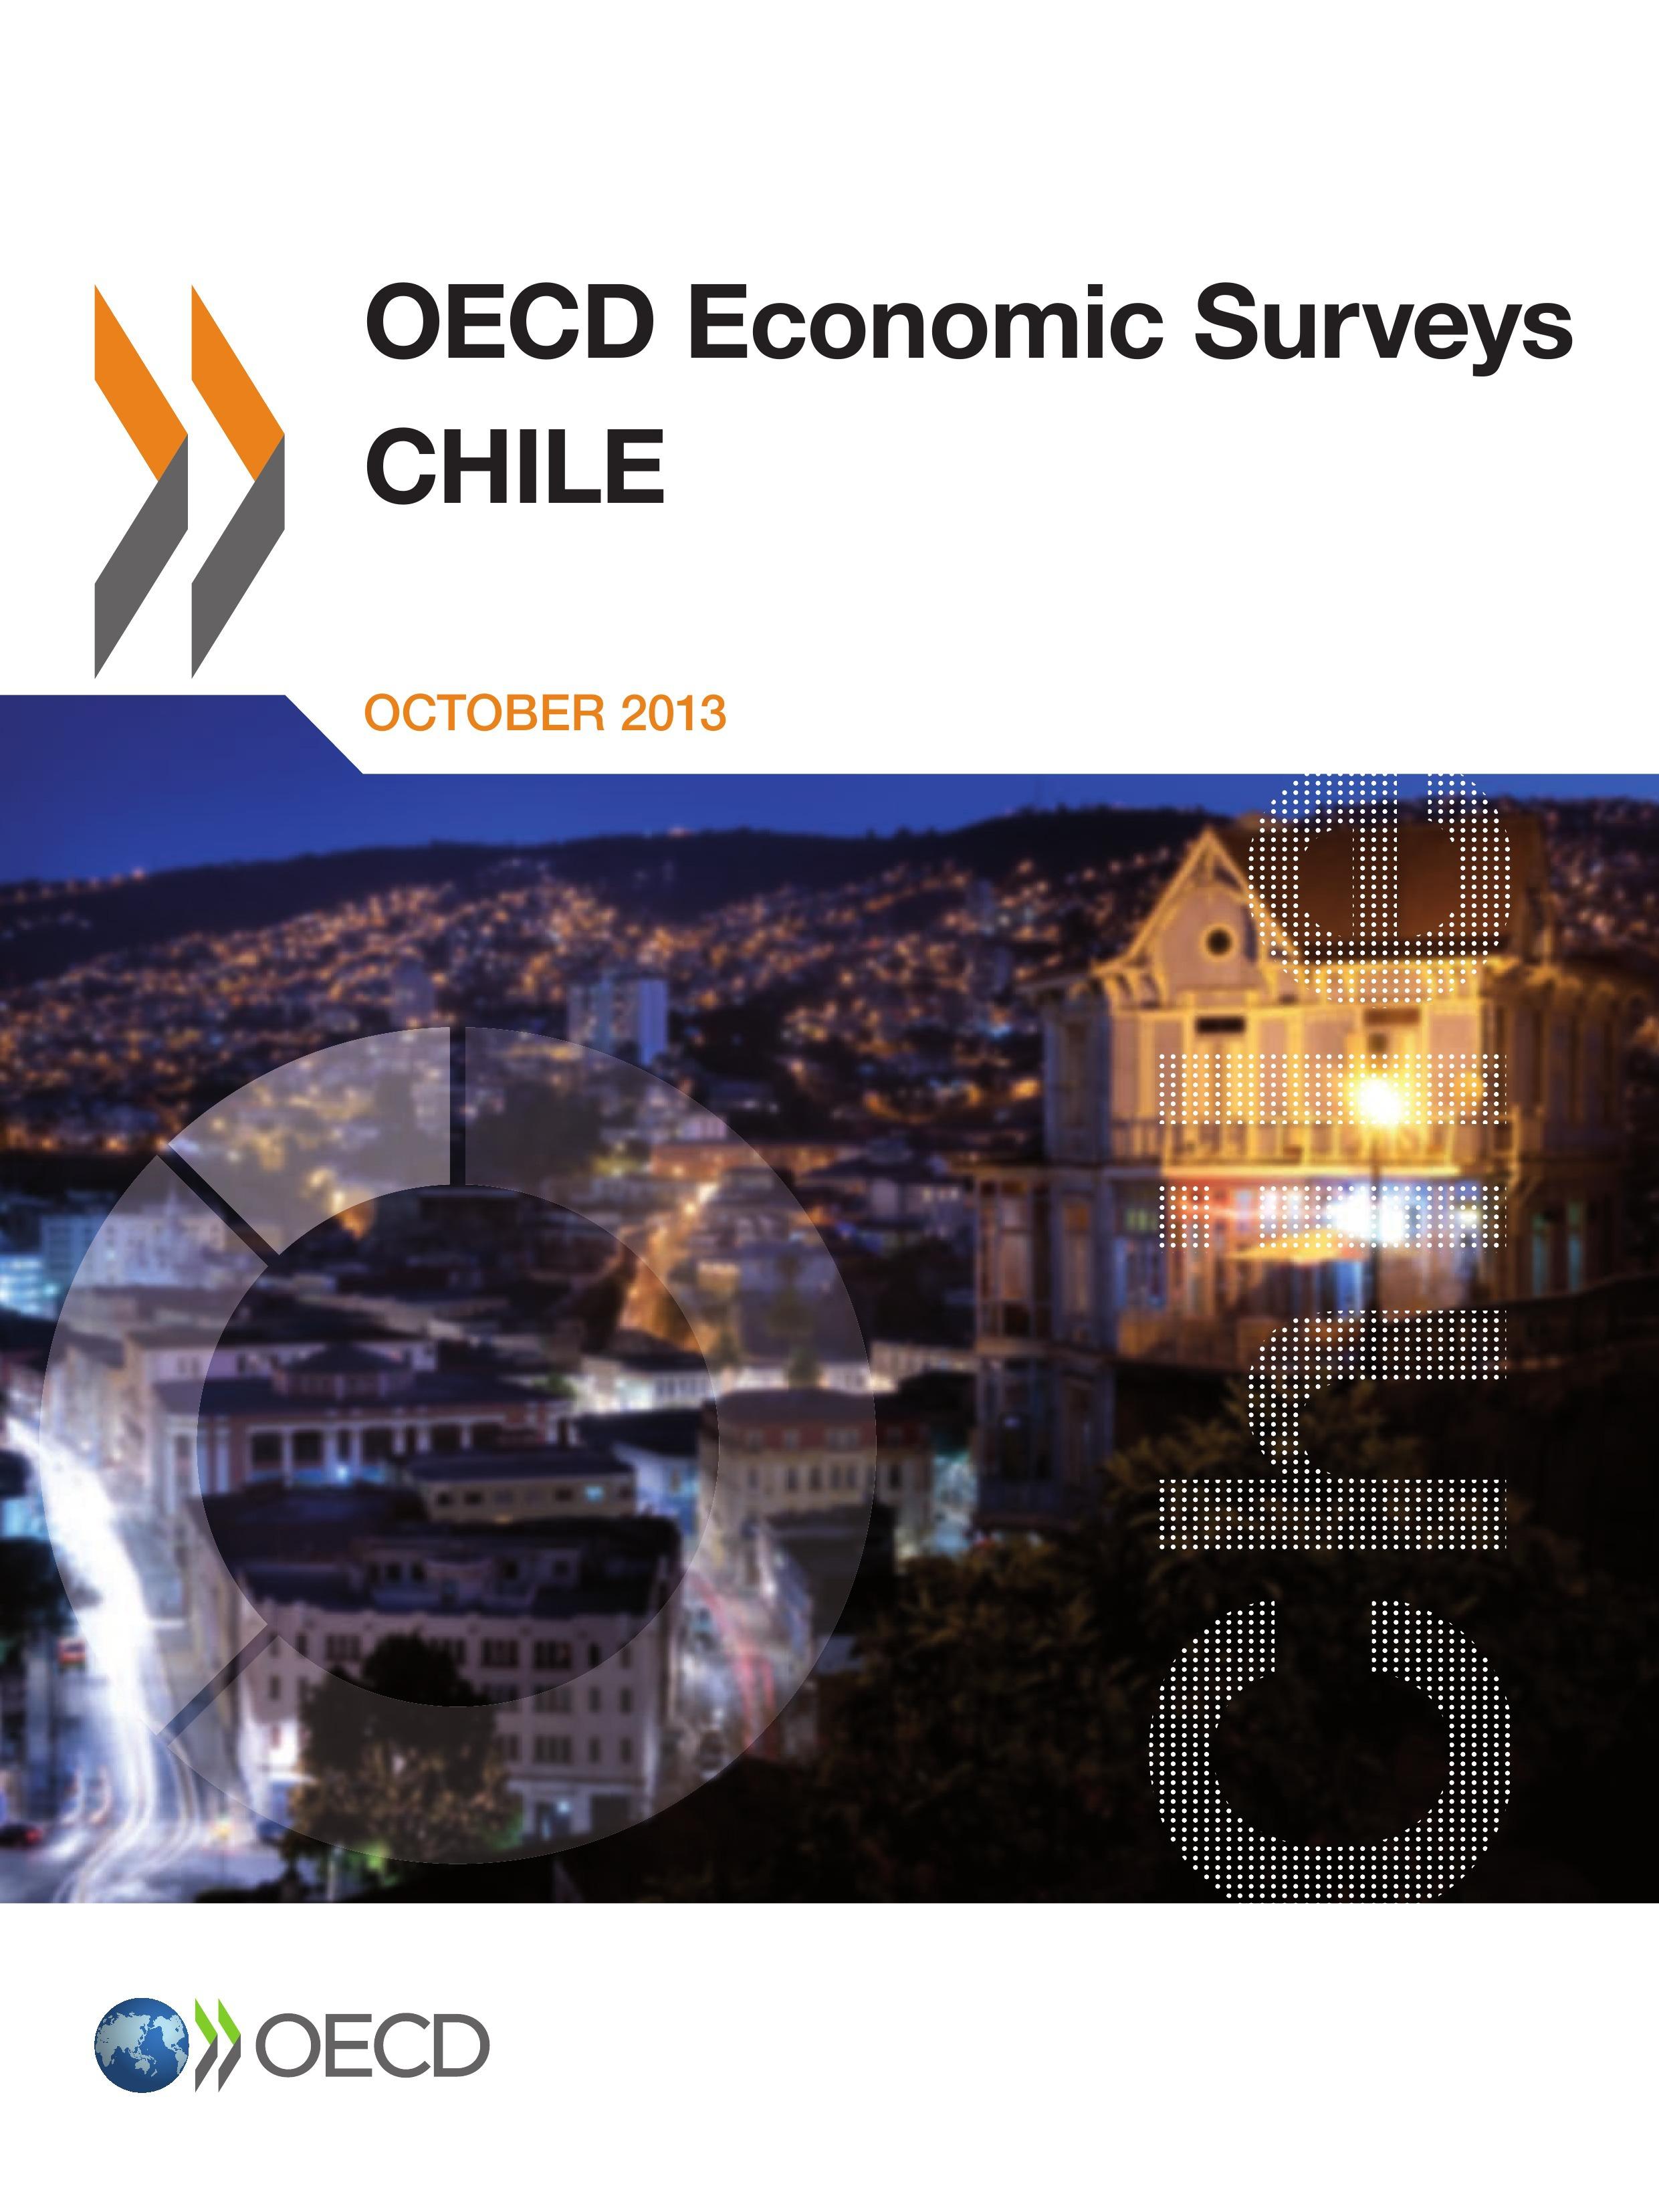 OECD Economic Surveys : Chile 2013